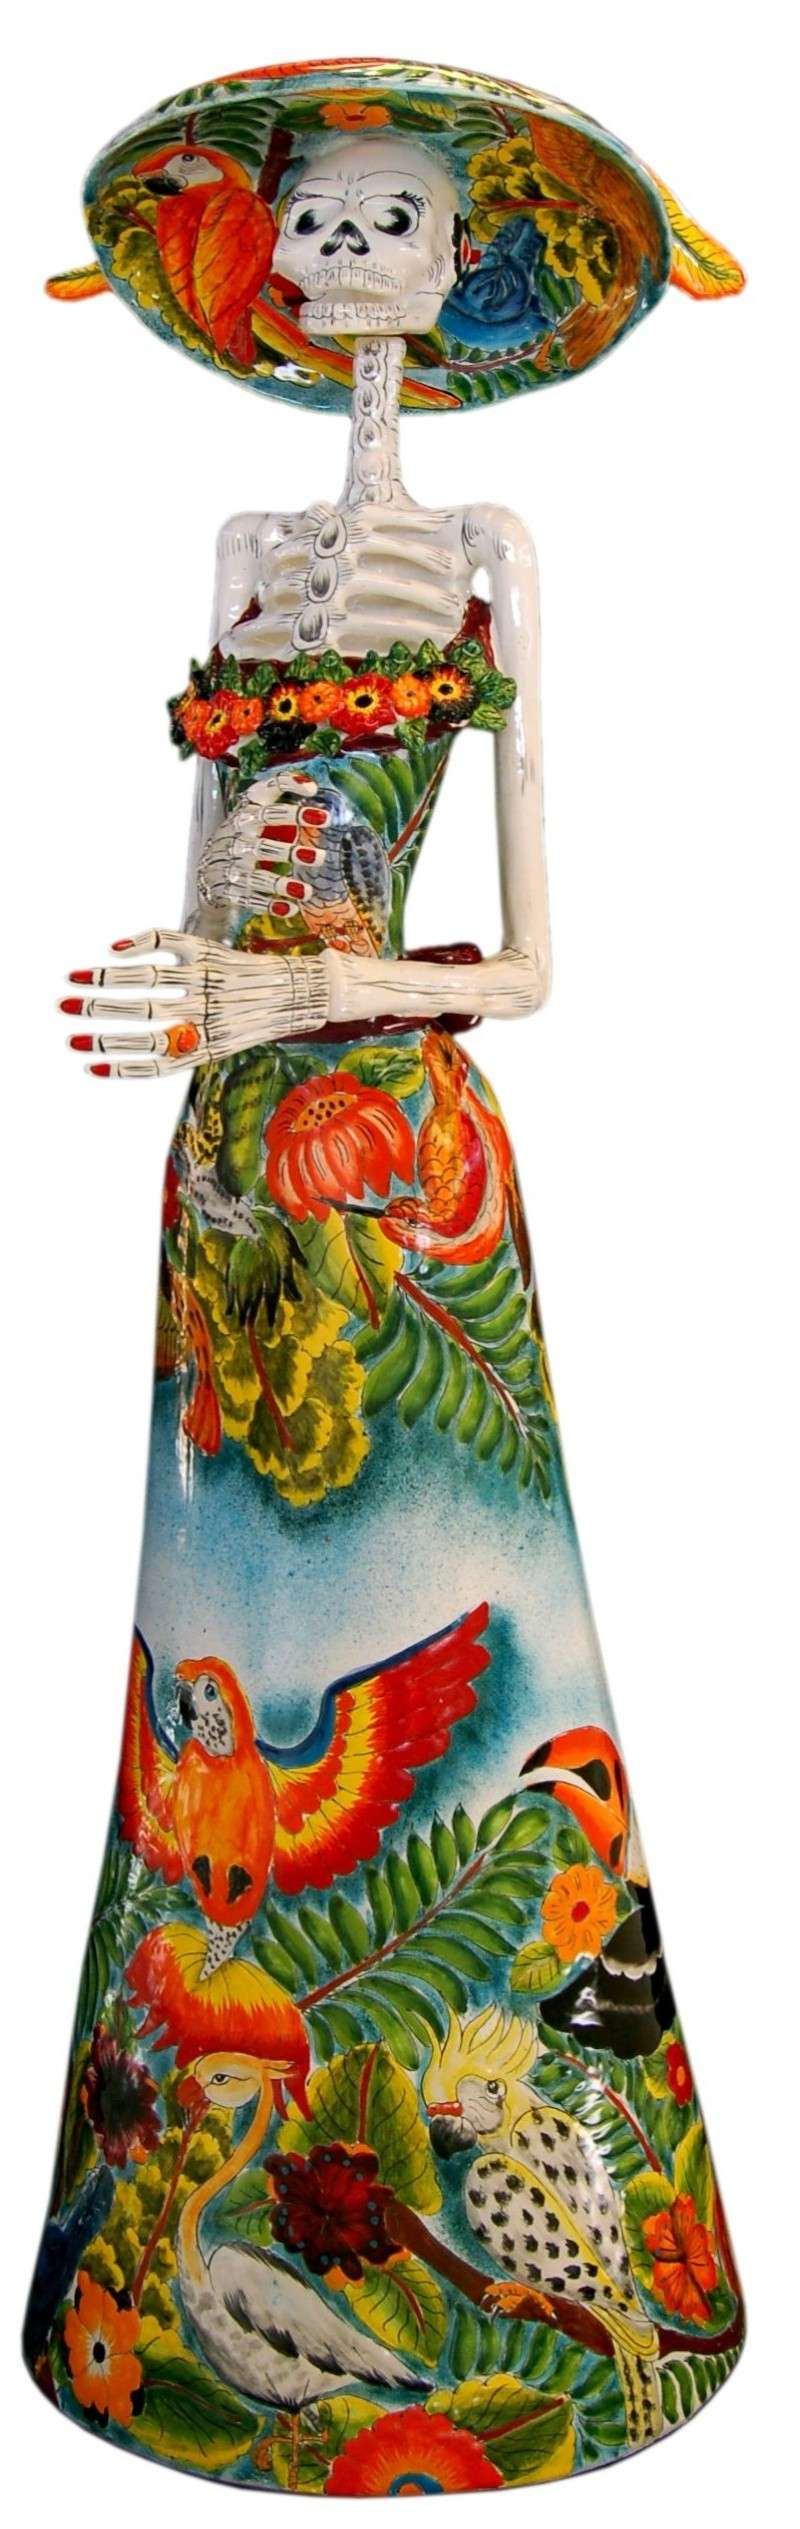 Talavera Shops - Dolores Hidalgo, GTO 218_5910